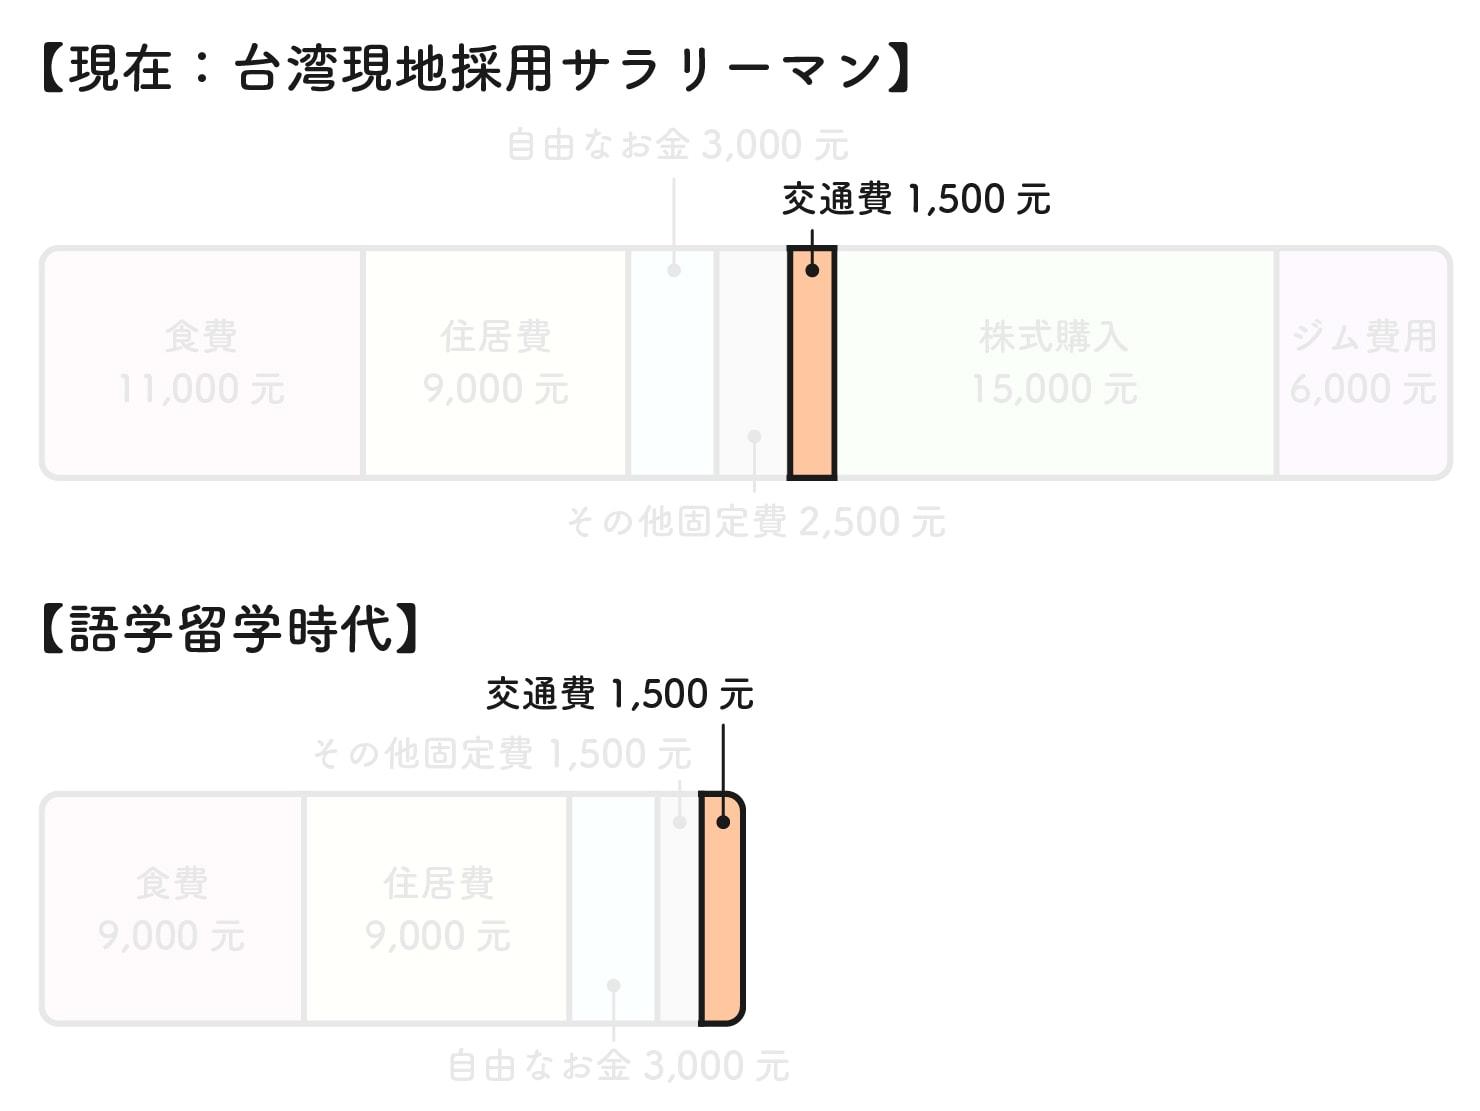 31歳日本男子の台湾での生活費グラフ(交通費)